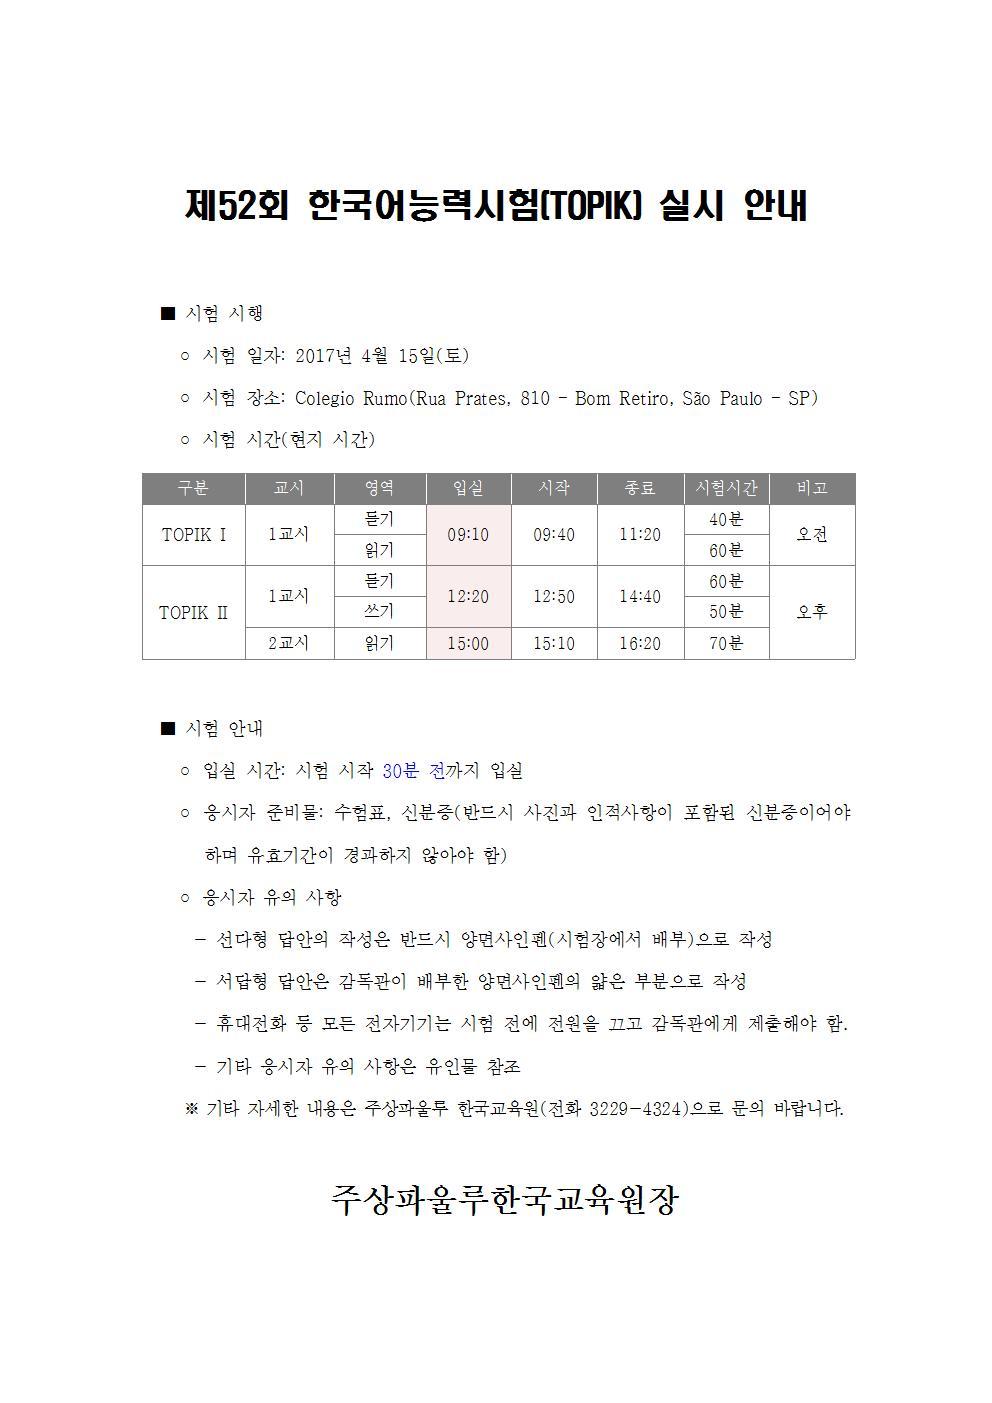 제52회 한국어능력시험(TOPIK) 실시 안내.jpg